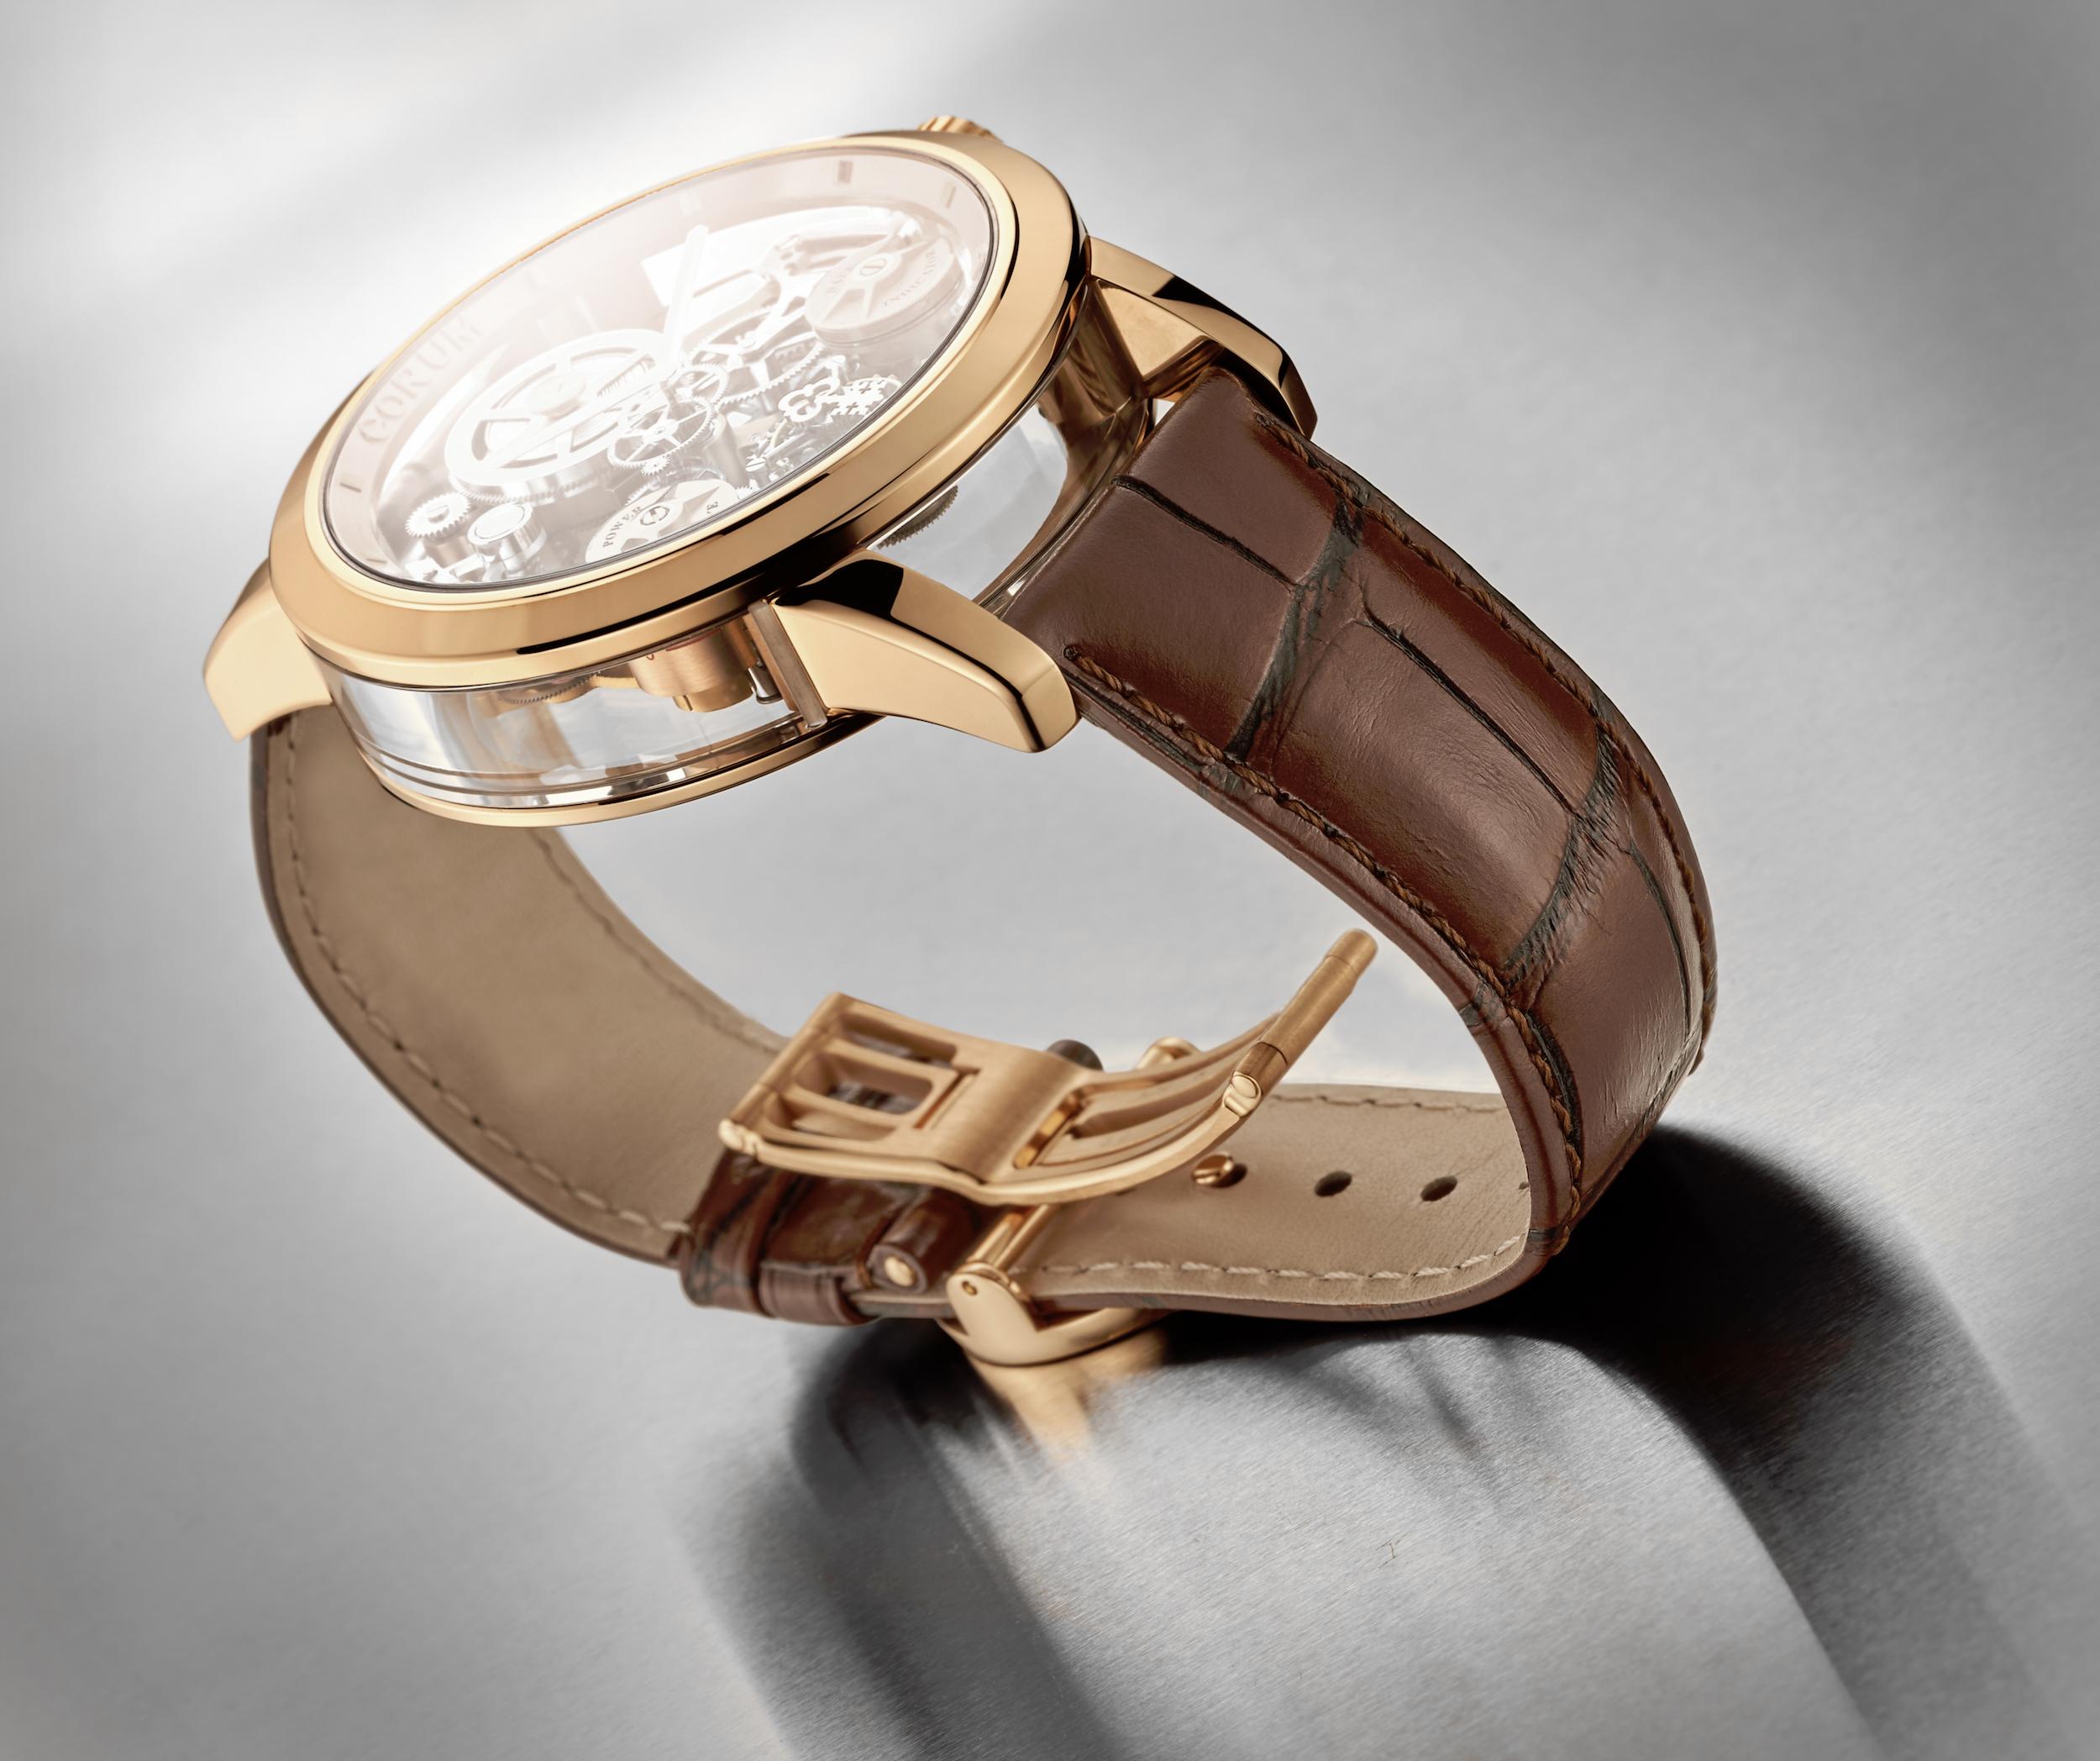 Corum unveils its disruptive Lab 02 timepiece